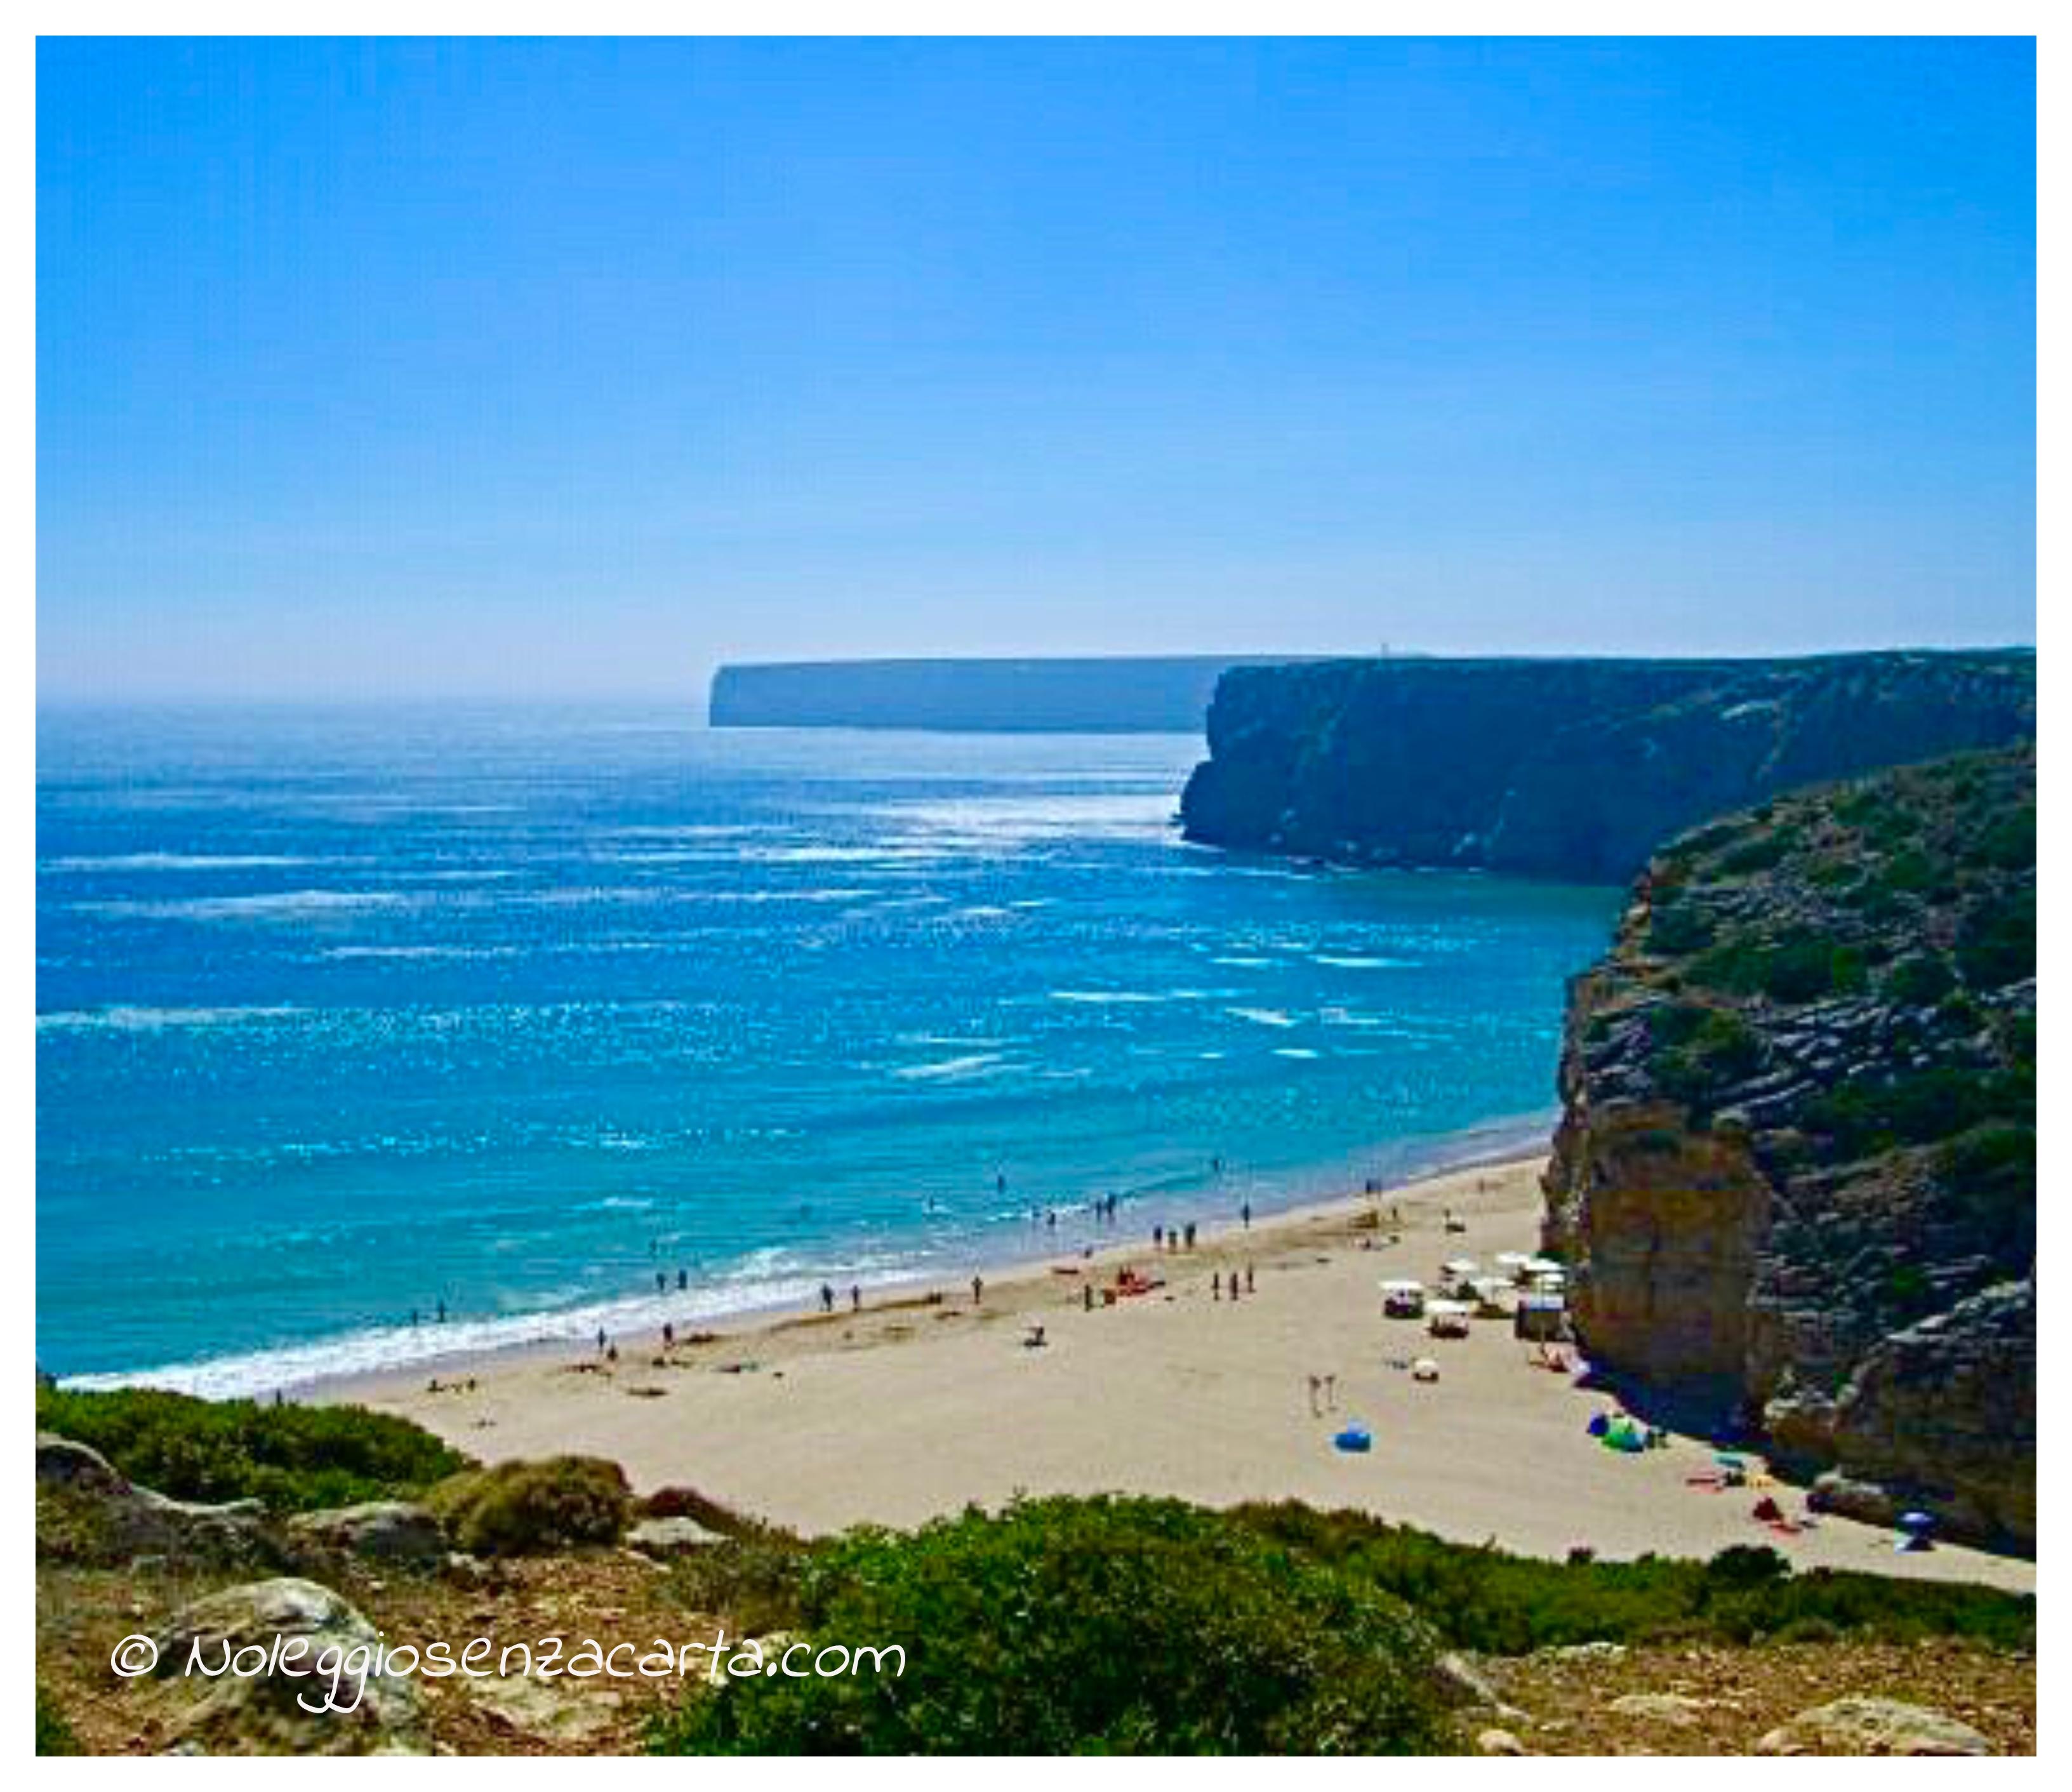 Location de voiture sans carte de crédit au Portugal – Algarve